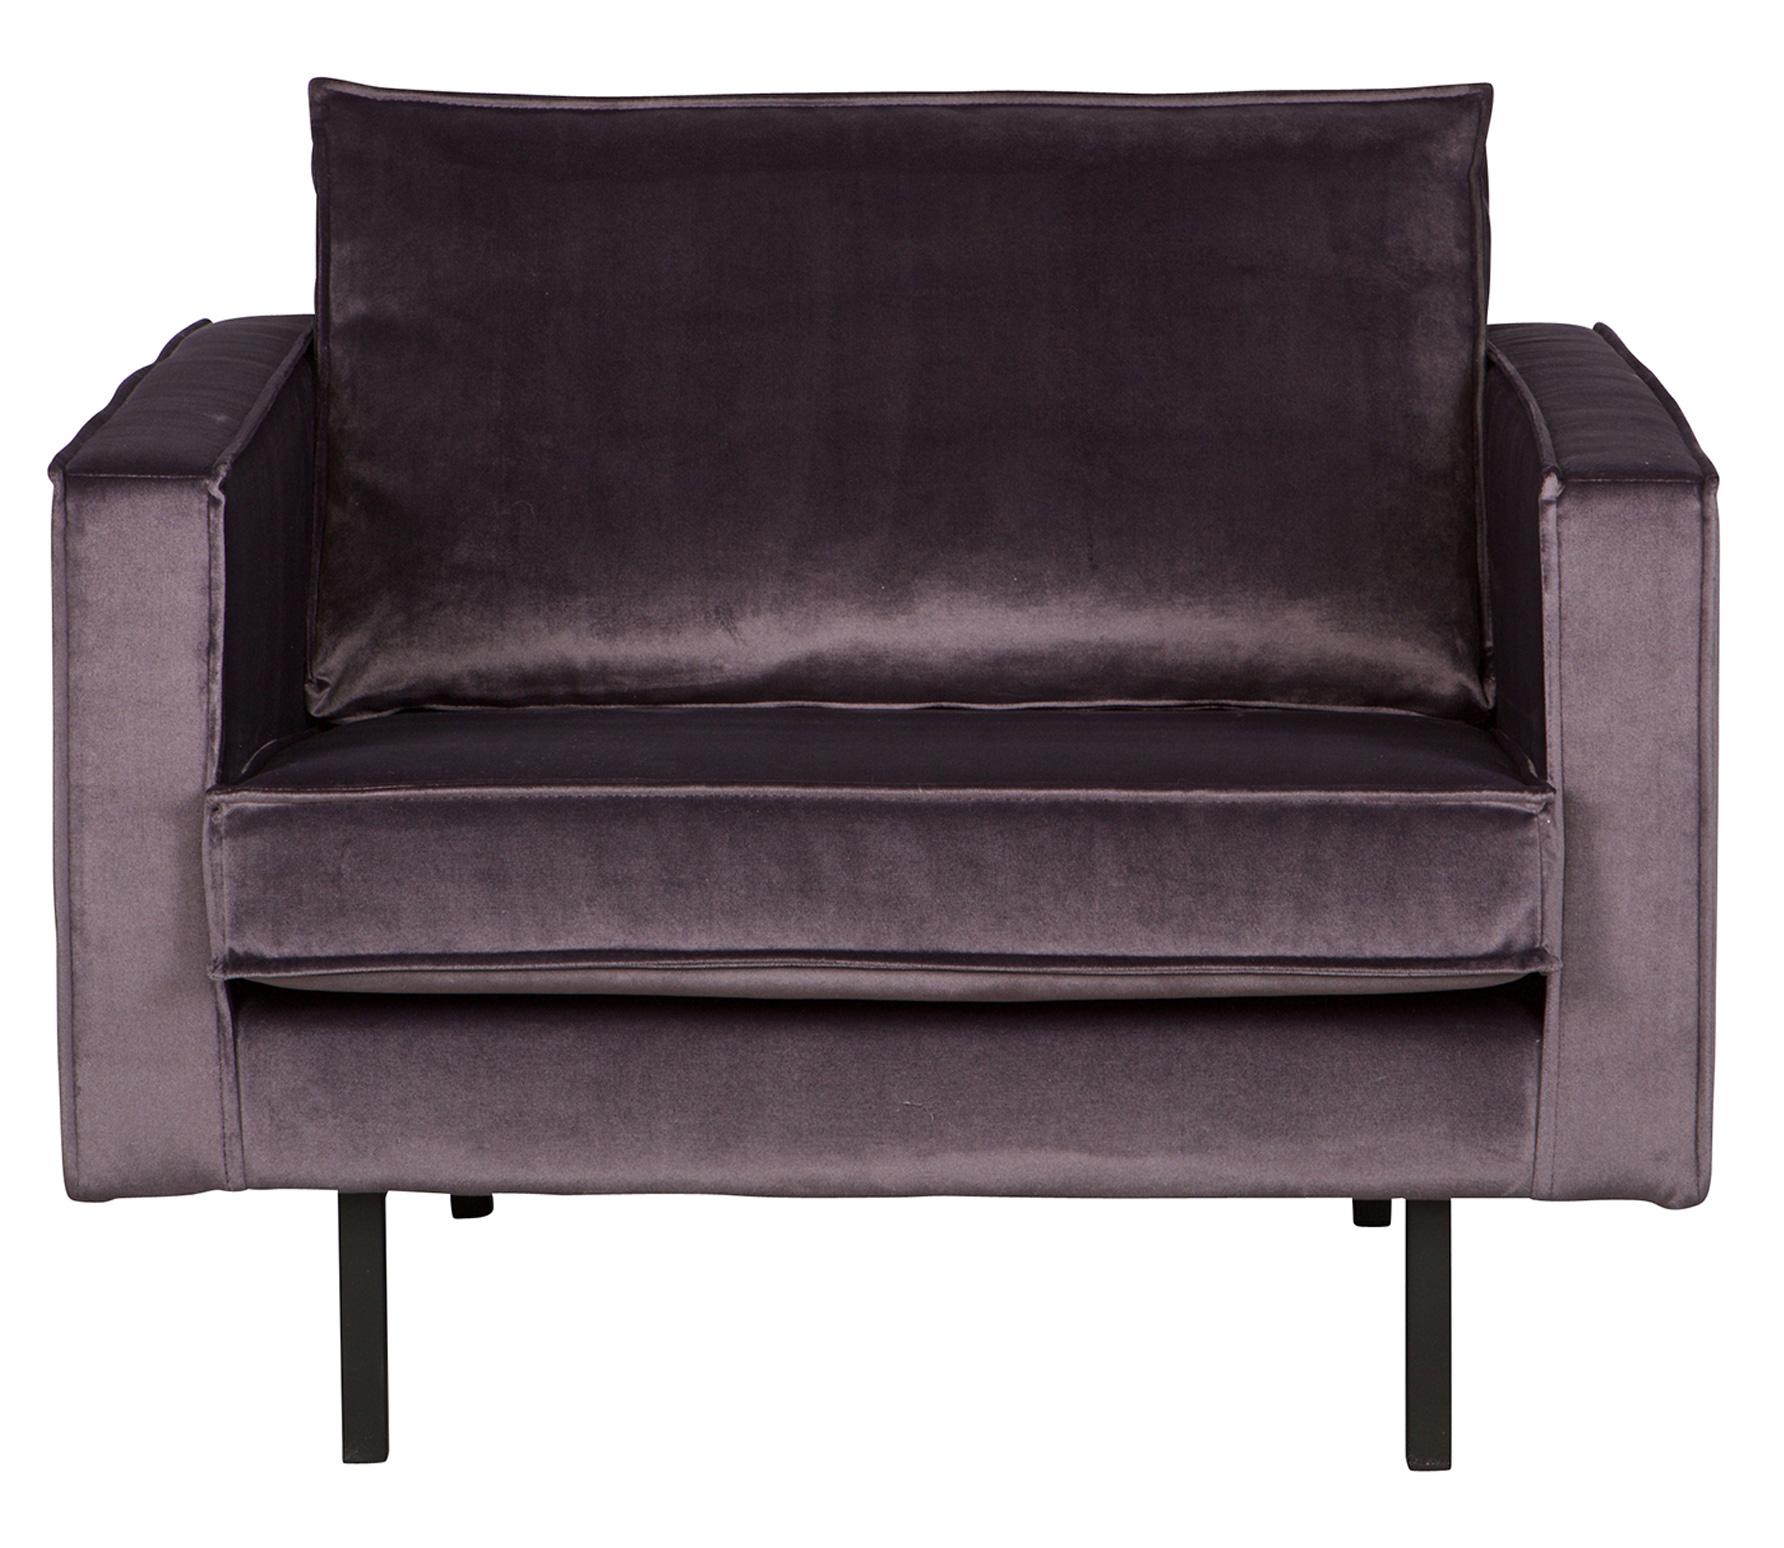 BePureHome Rodeo loveseat 1,5-zits fauteuil velvet donkergrijs